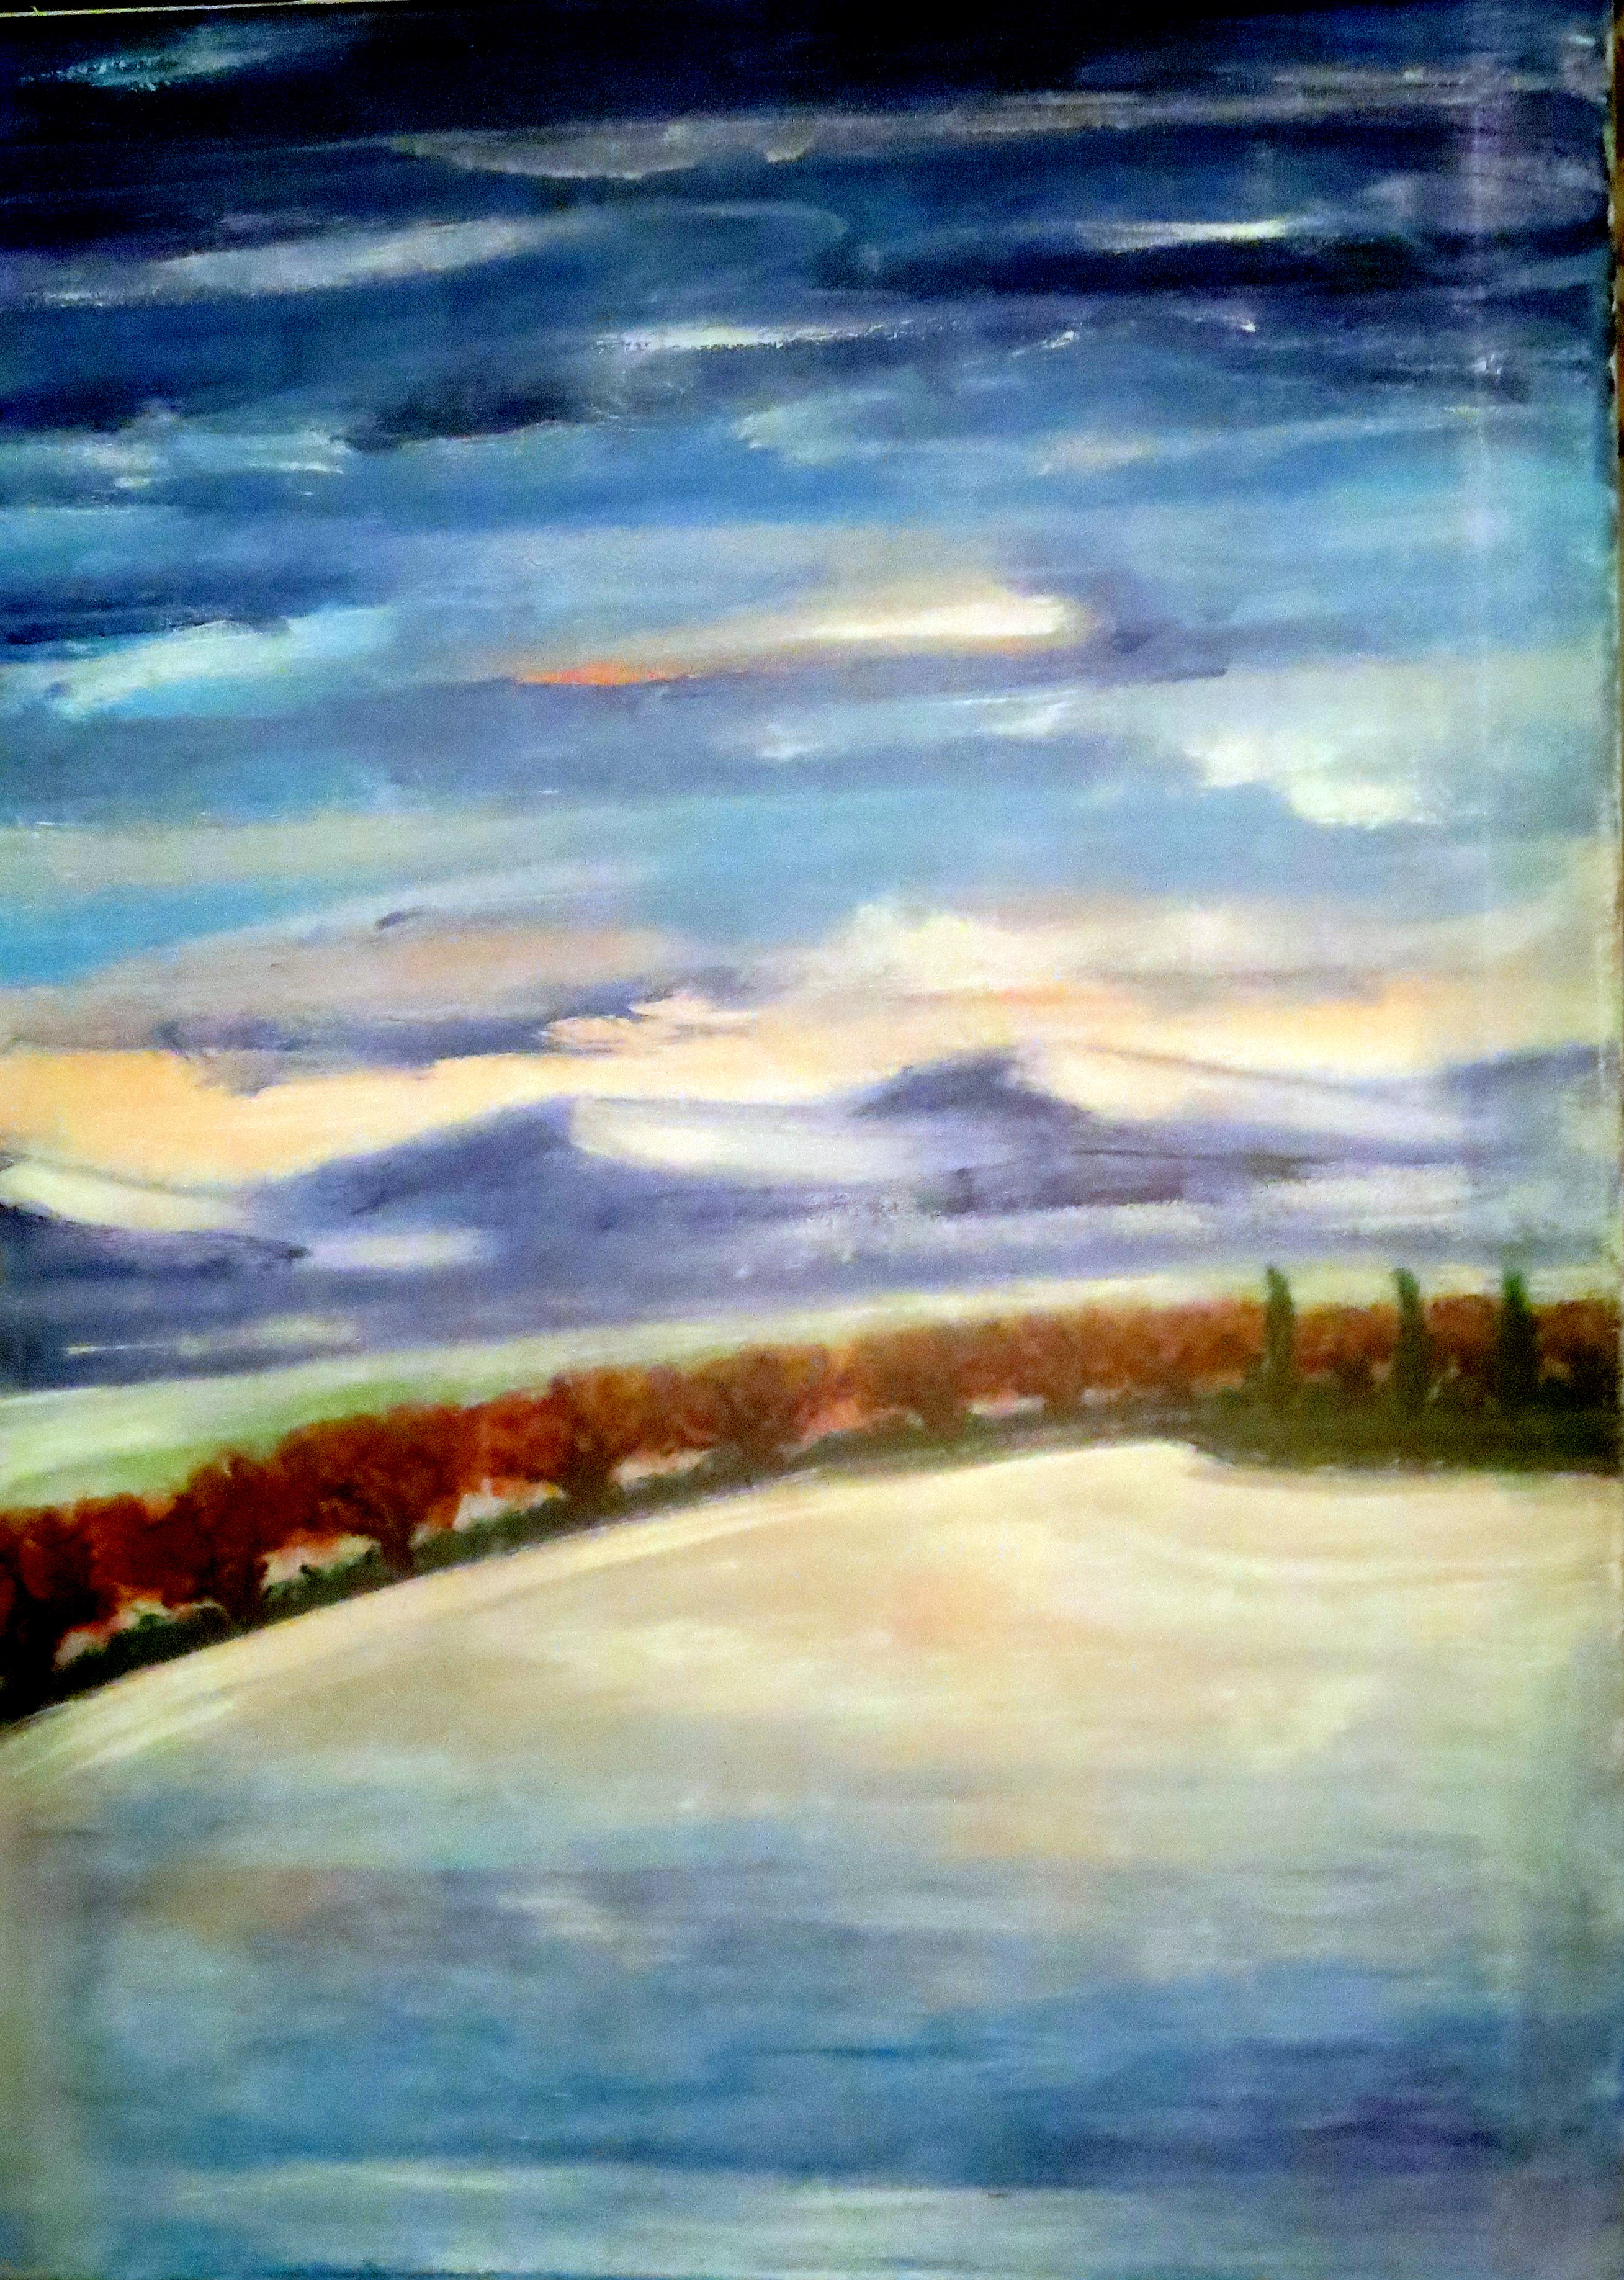 Dernières lueurs d'automne, acrylique 80 x 60 cm. 11.02.2017